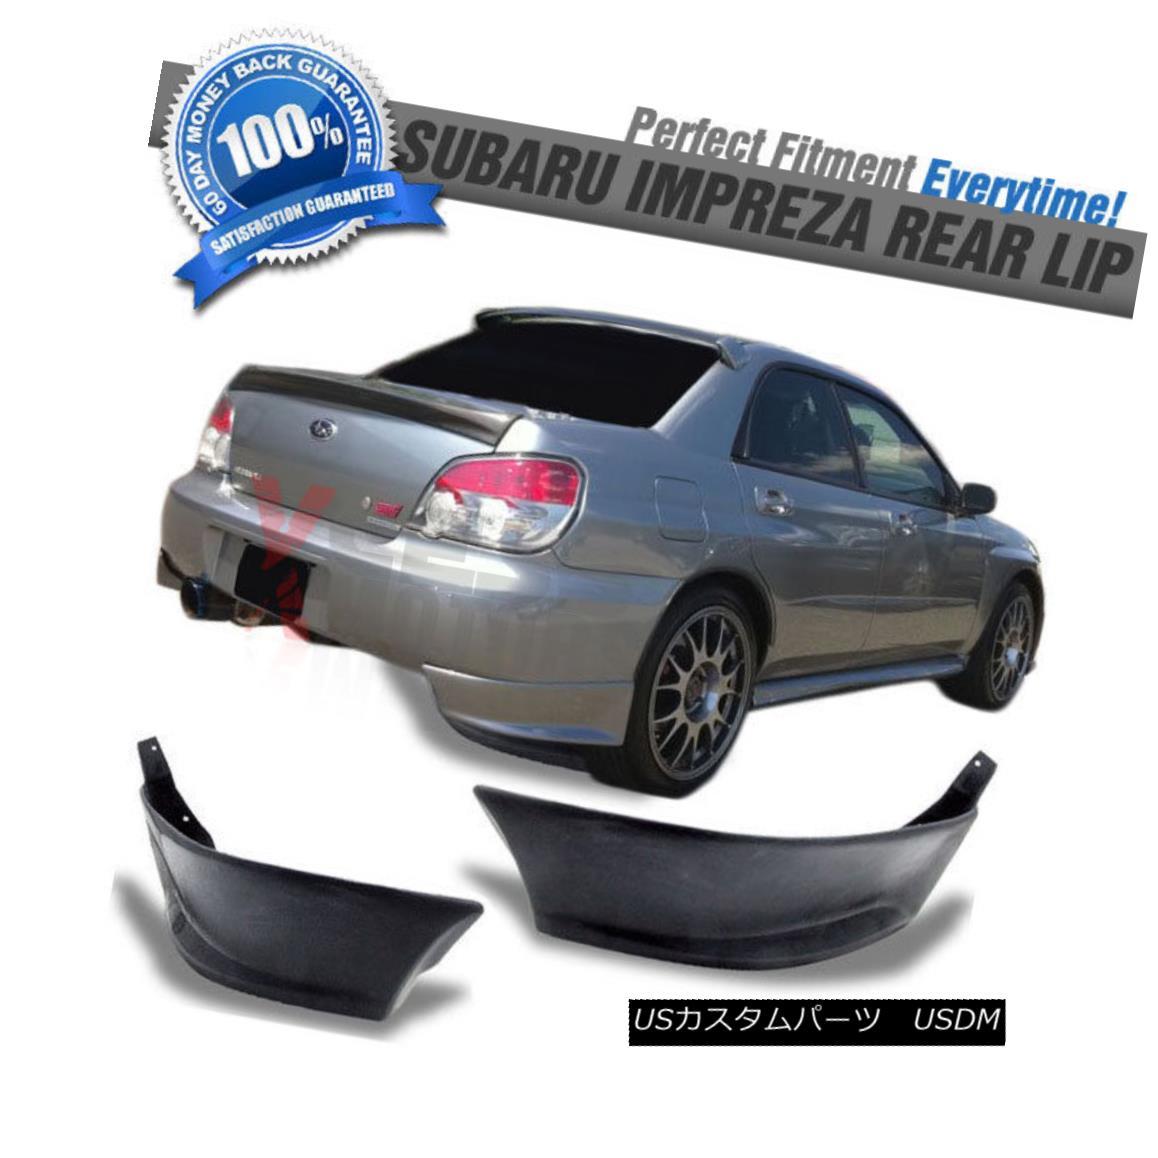 エアロパーツ For 02-07 Subaru Impreza WRX PU Rear Bumper Lip Splitter 2PCS Valance Spats 02-07スバルインプレッサWRX PUリアバンパーリップスプリッタ2PCSバランススパッツ